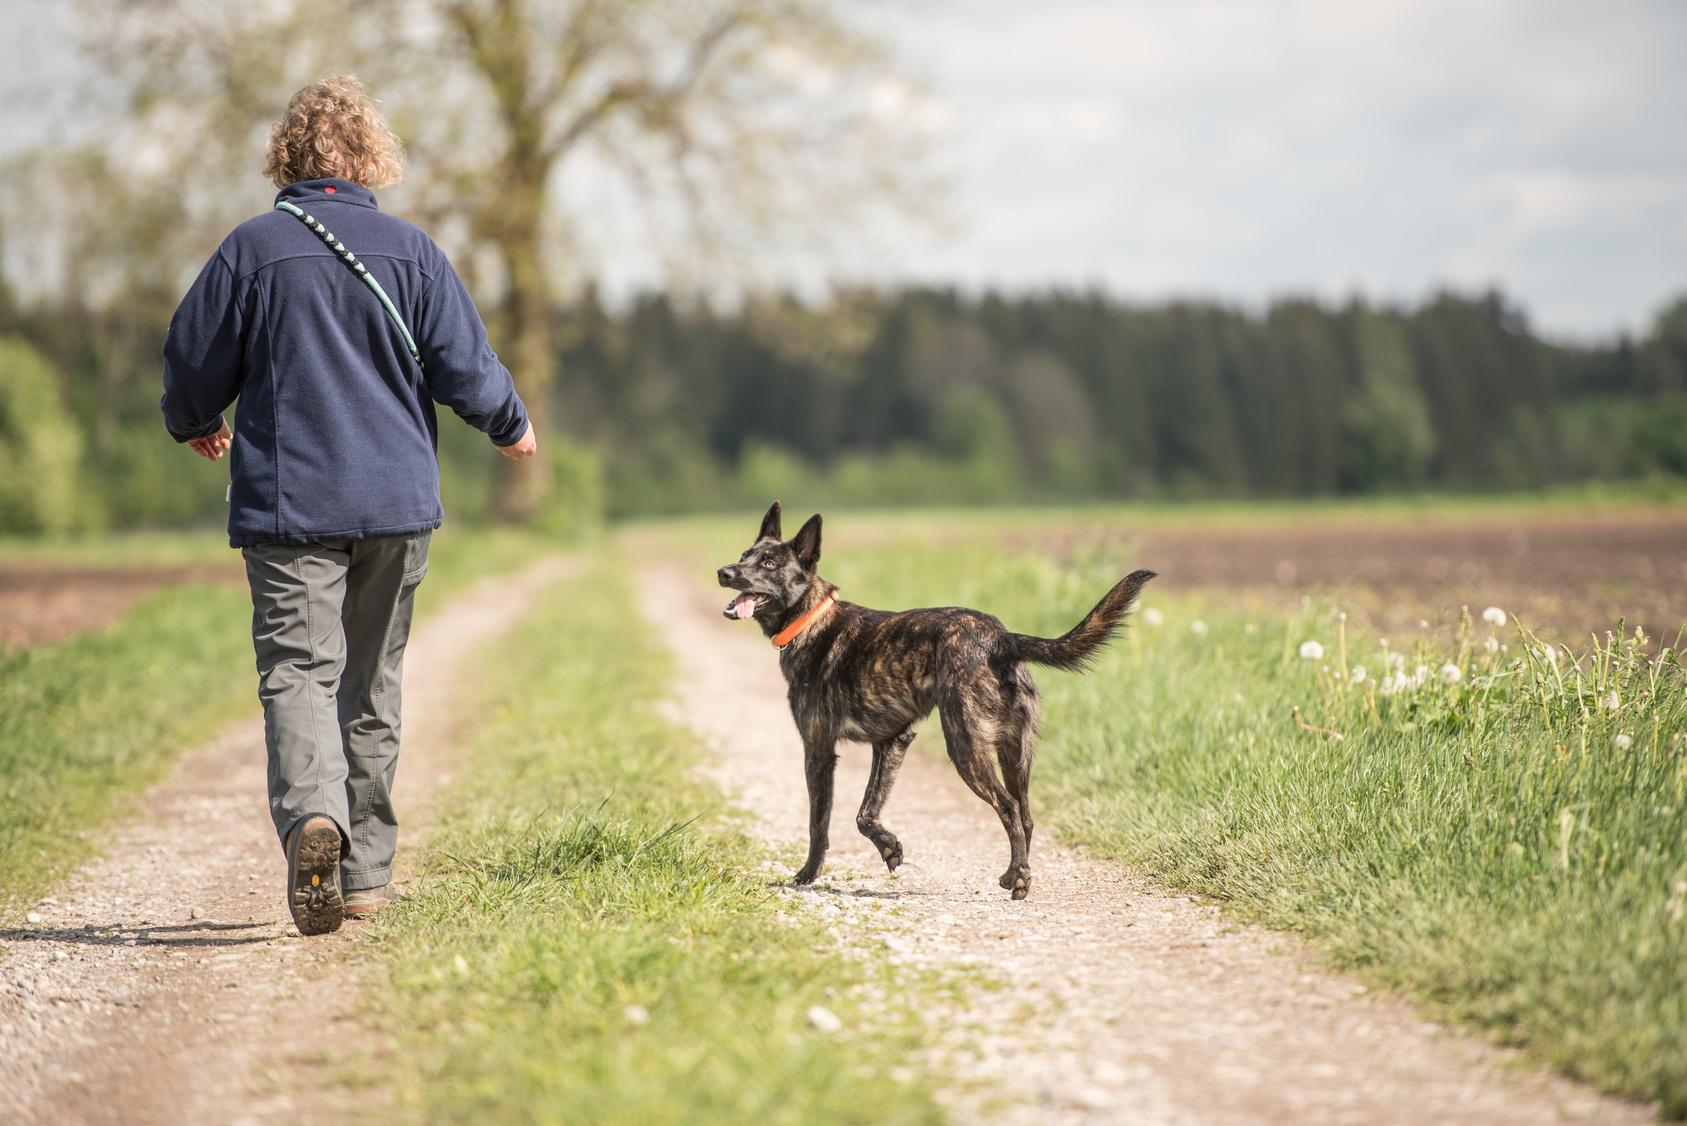 Schock beim Gassi gehen: Statt einem Stöckchen bringt der Hund das Bein einer Leiche